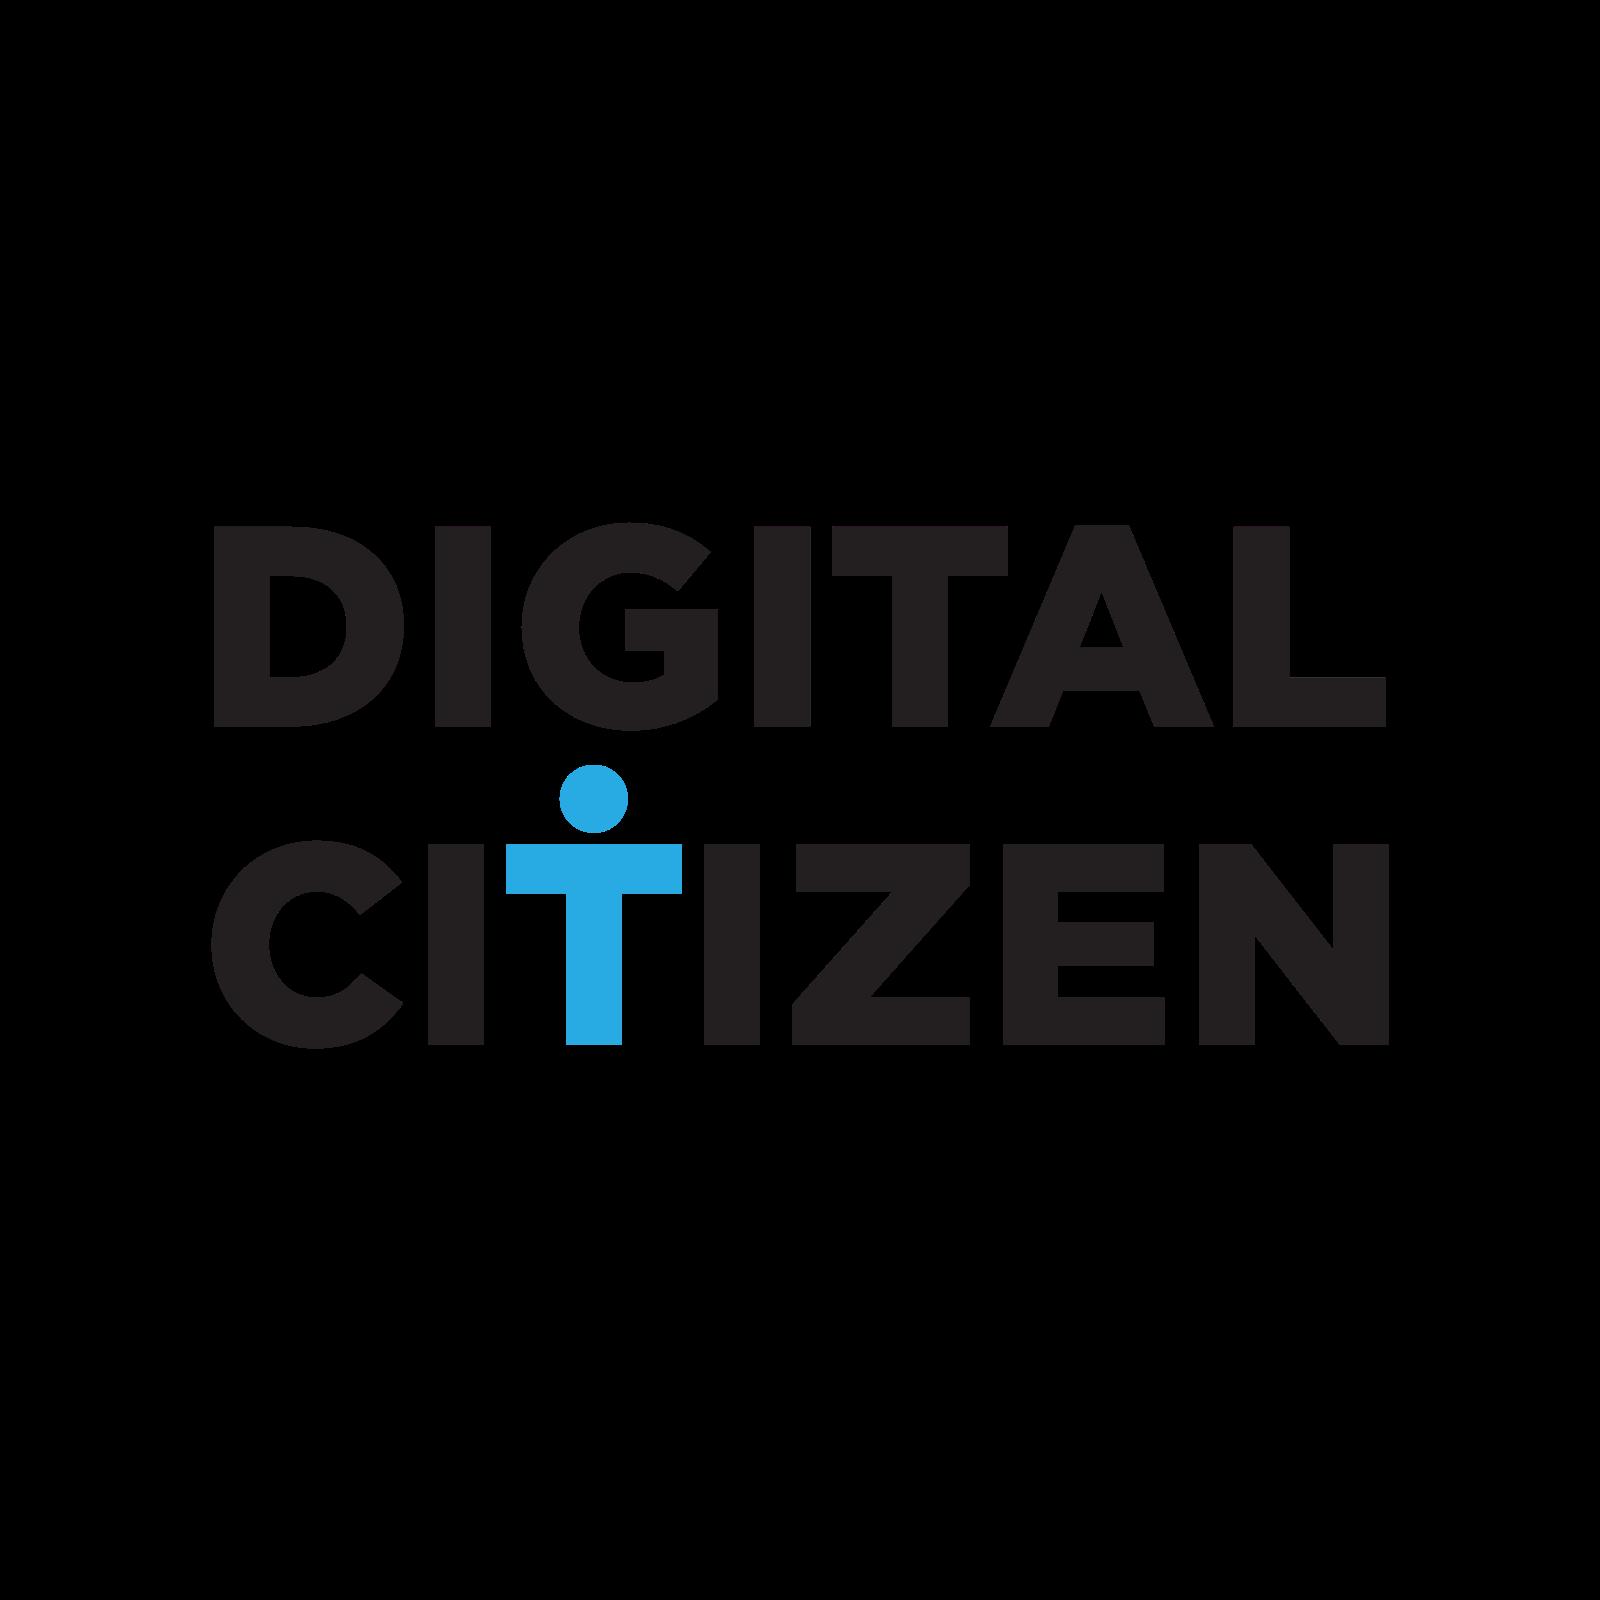 Daniel Parchisanu Digital Citizen